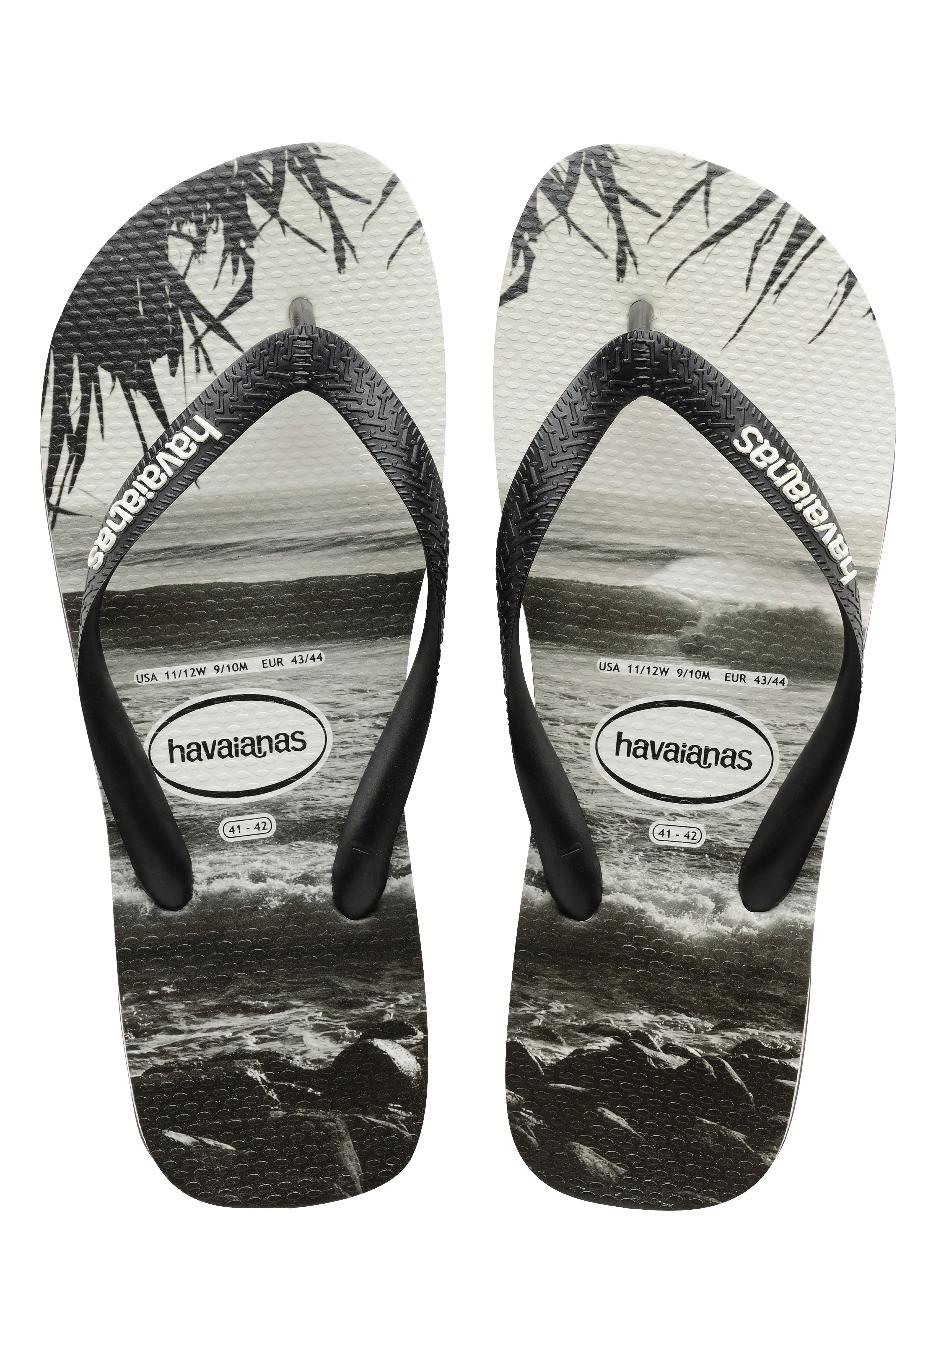 45bd1044f6d73 Havaianas - Top Photoprint - Sandals - Streetwear Shop - Impericon.com AU